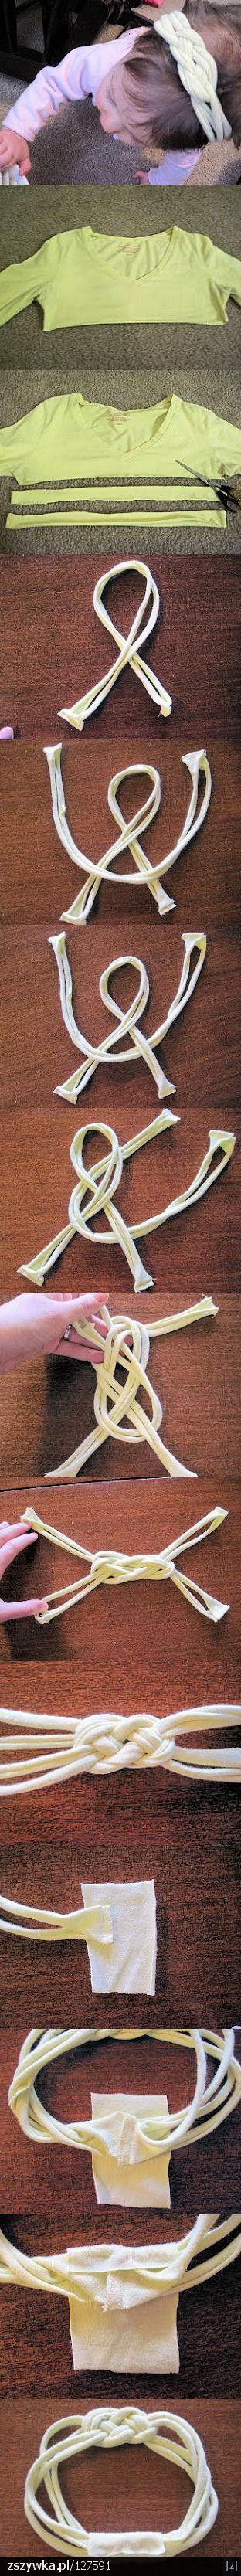 diy / homemade headband from knit tshirt